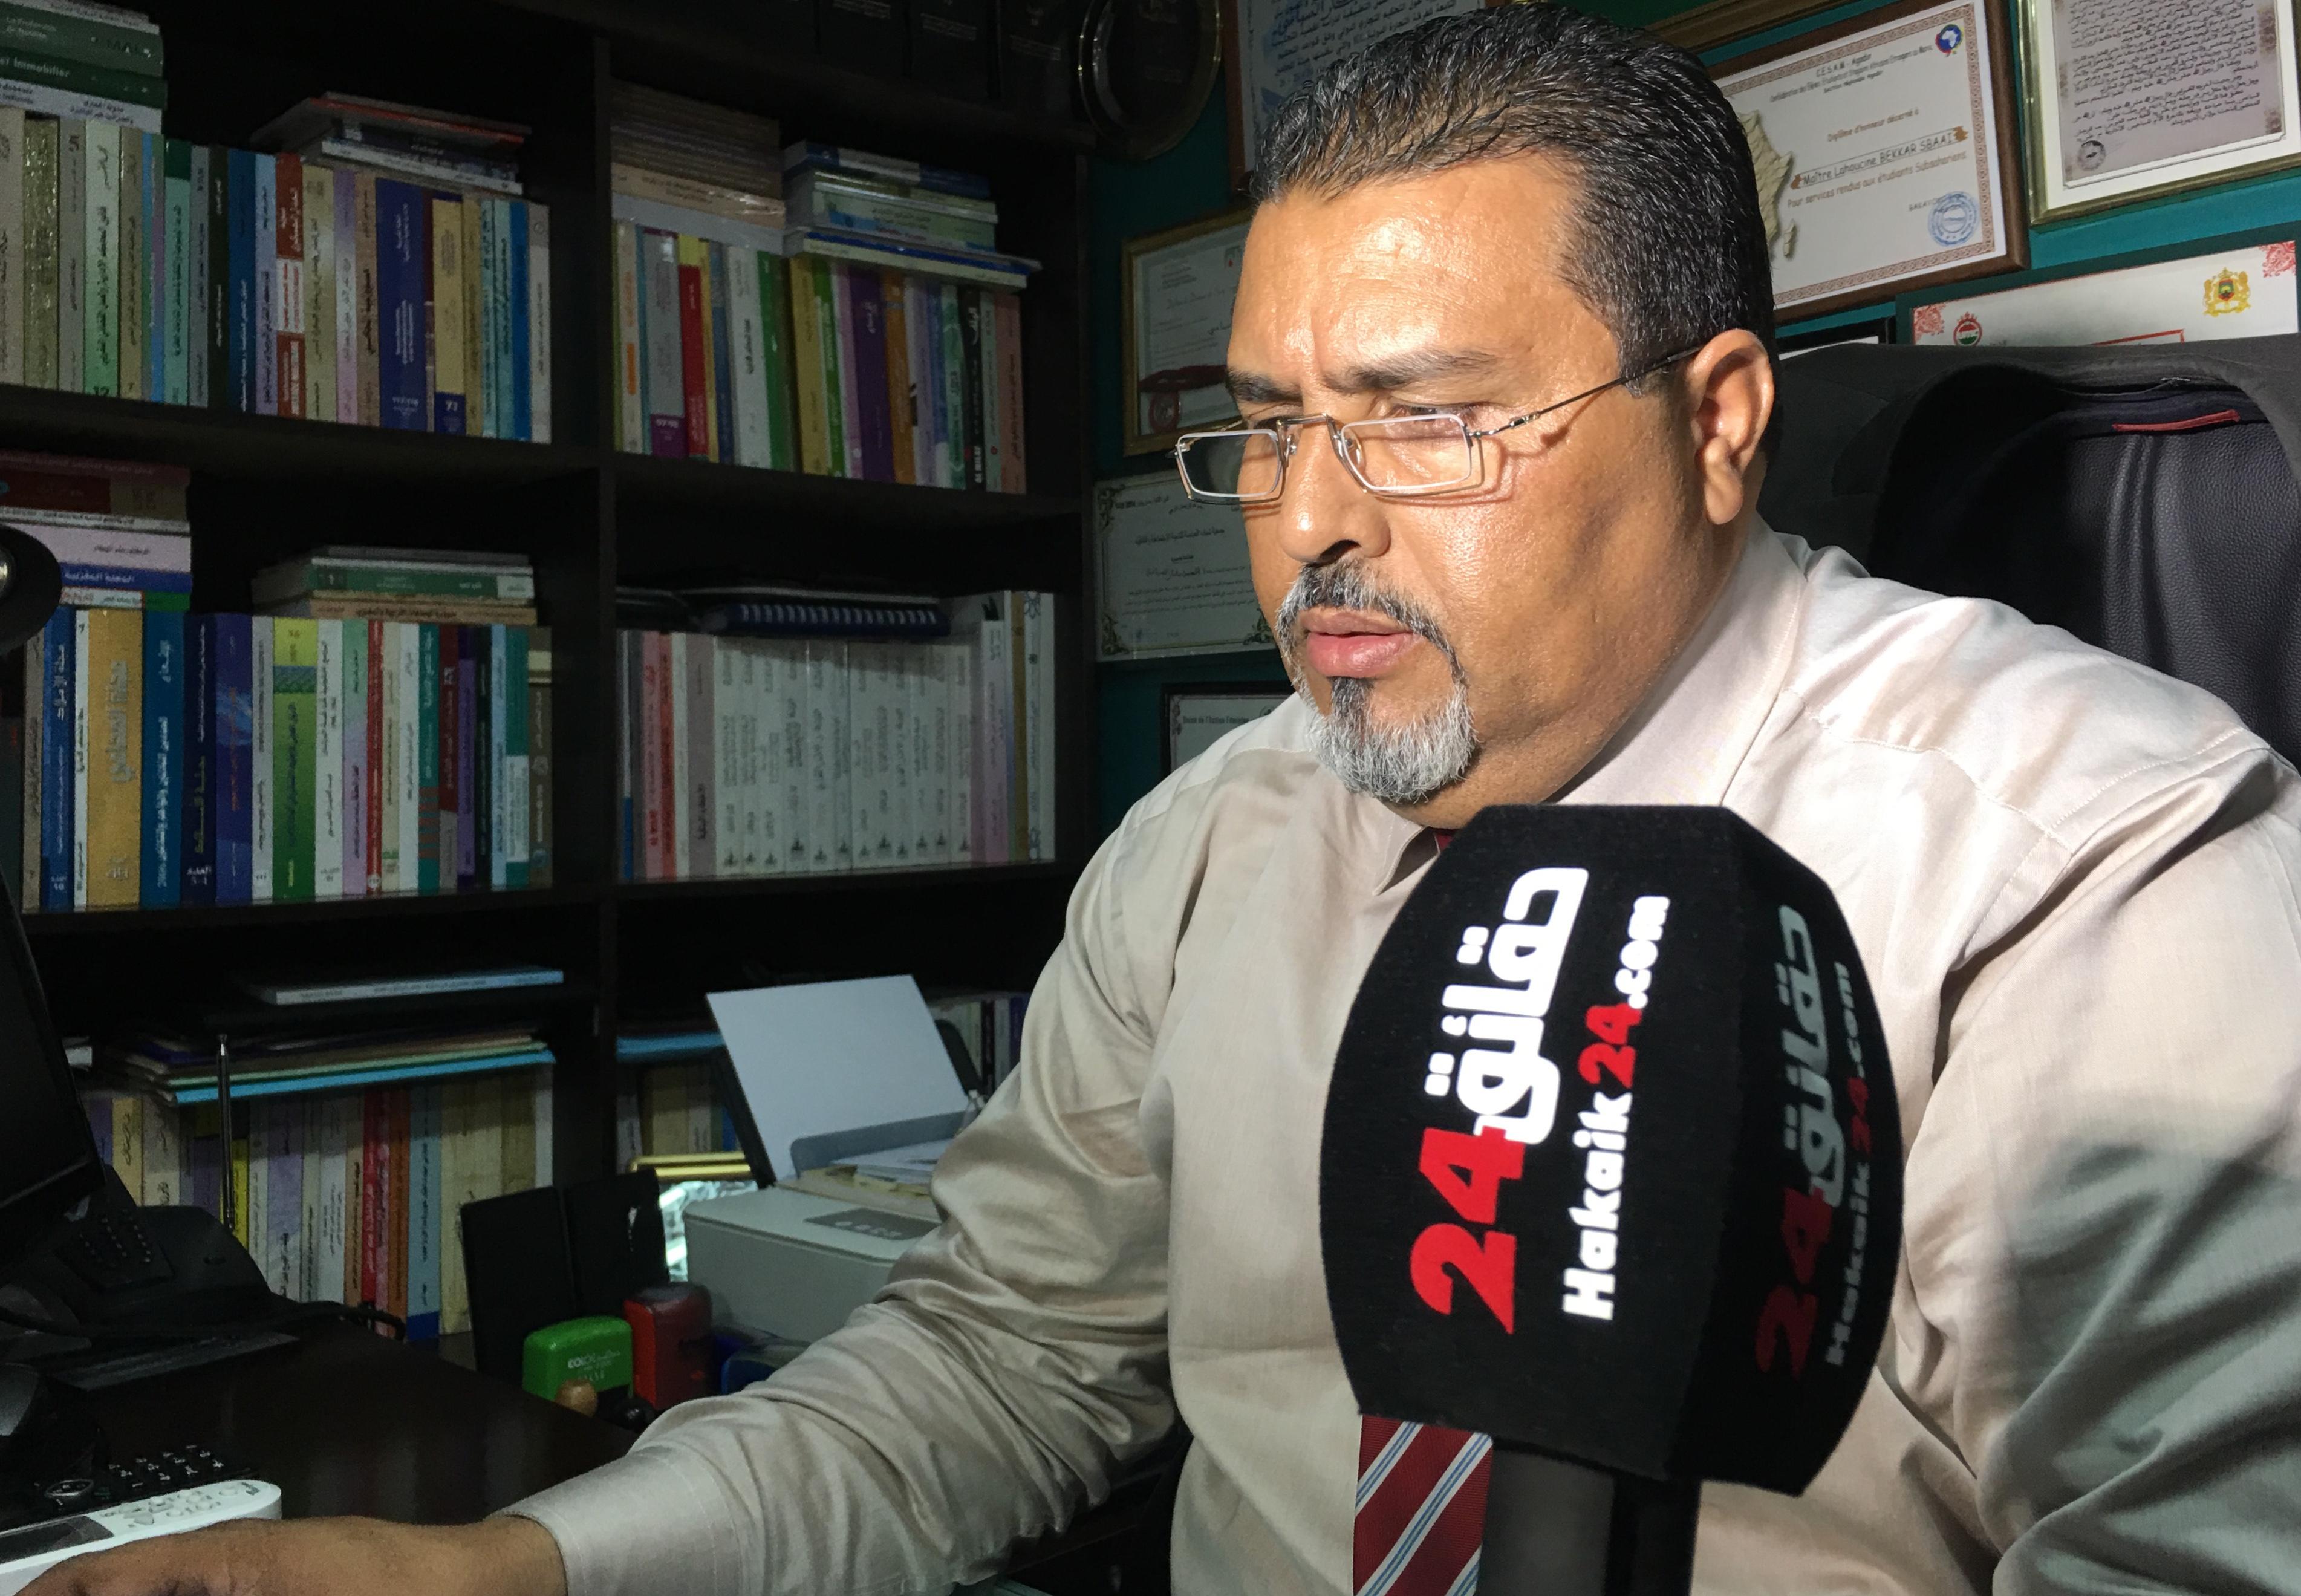 صورة البيعة وإمارة المؤمنين في النظام السياسي المغربي